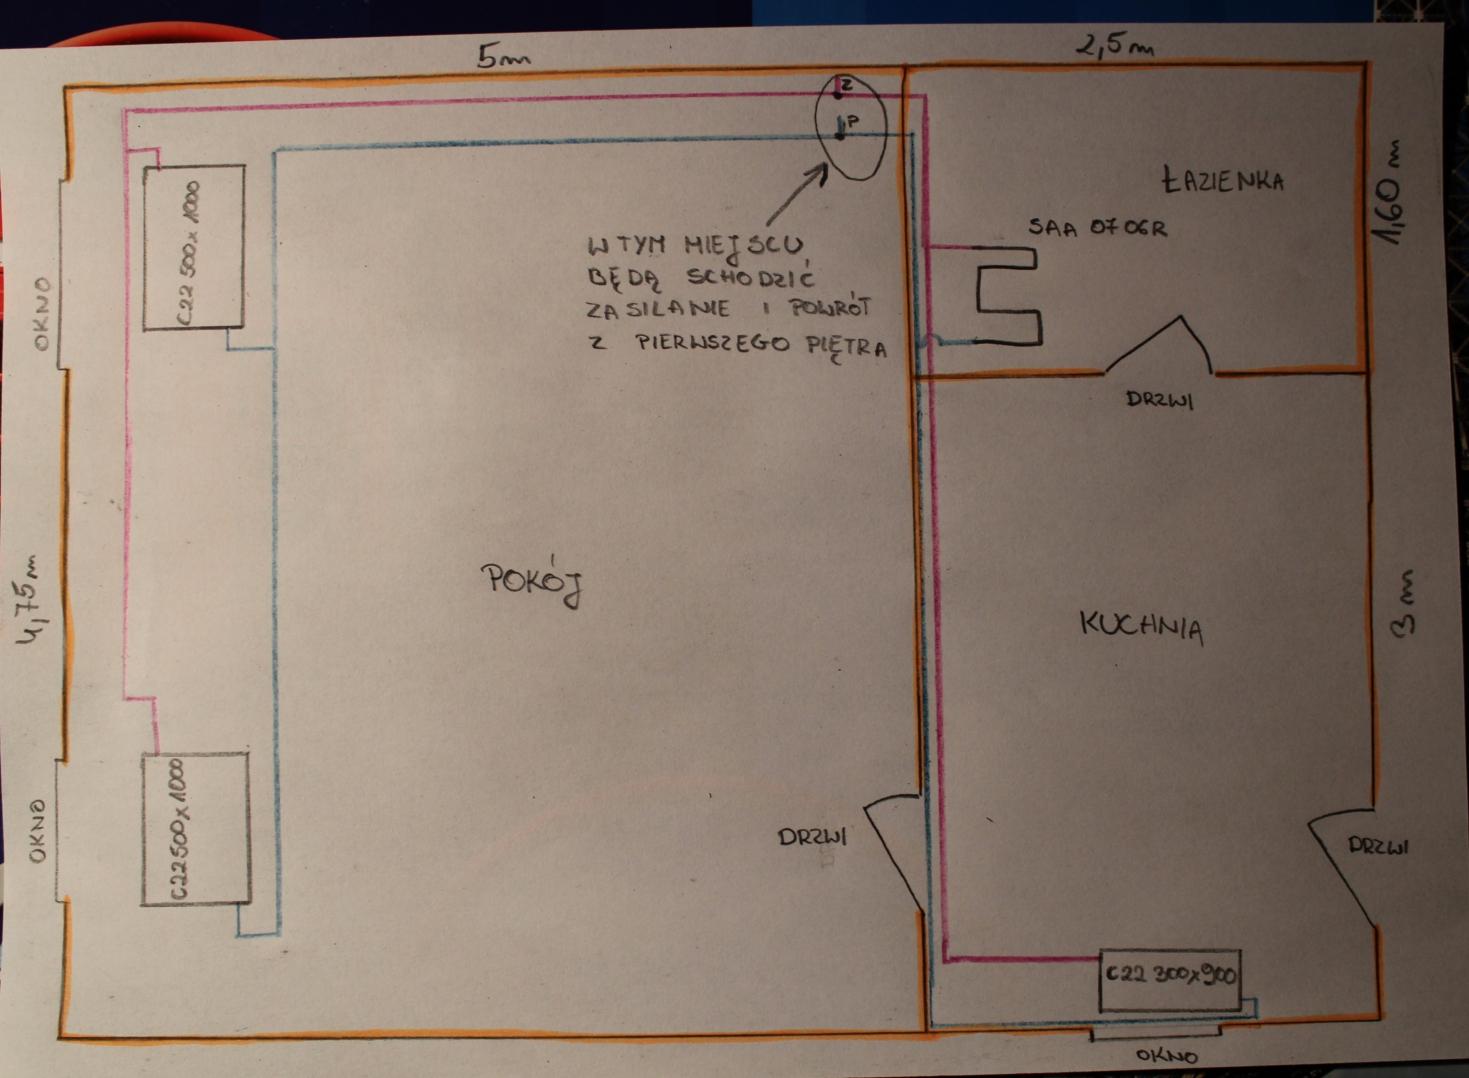 Weryfikacja instalacji co uk�ad rur, �rednice i pompa